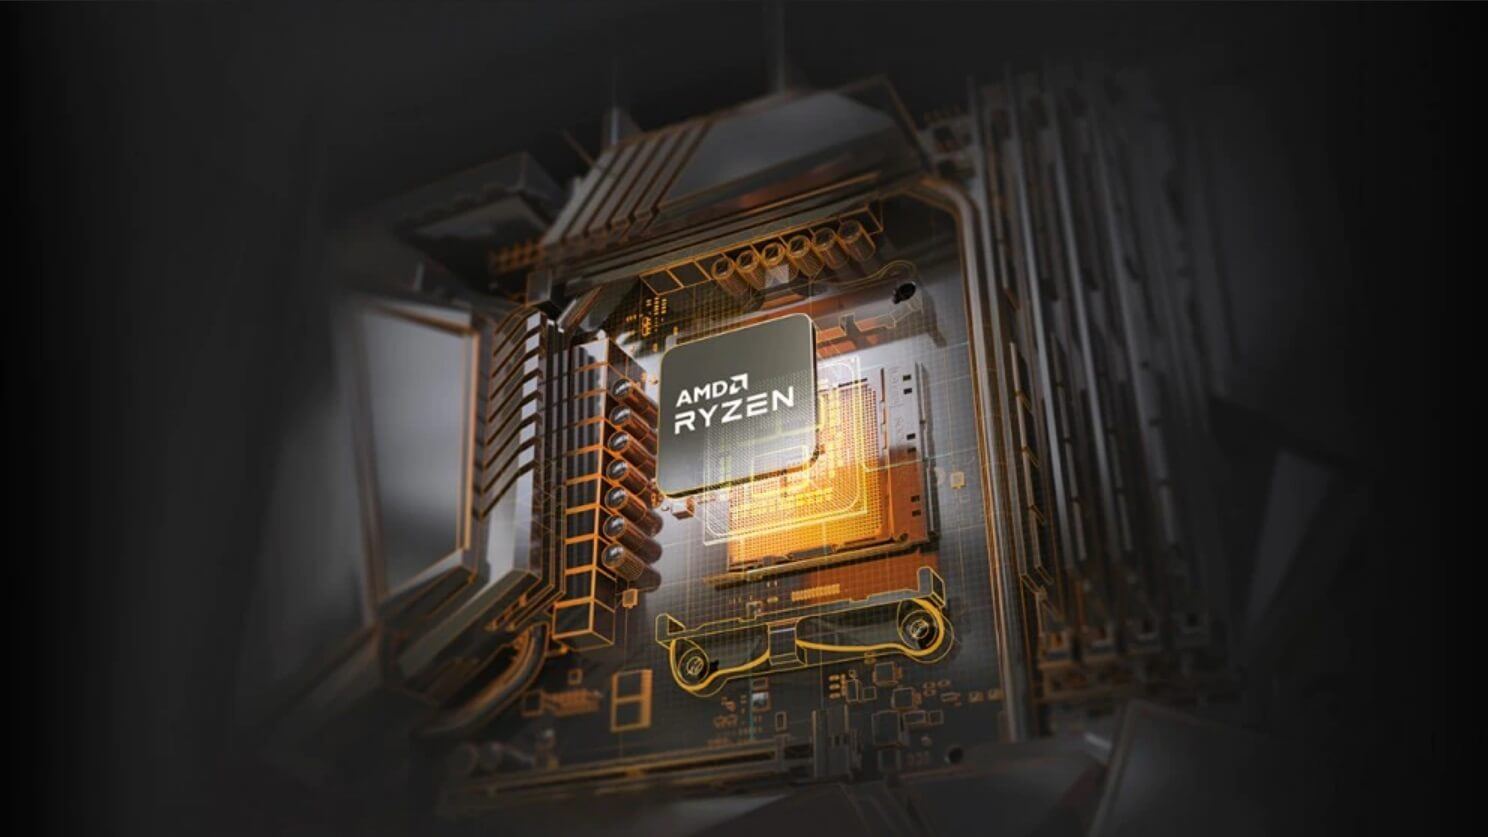 Se informa que AMD Ryzen 5000 XT (¿Warhol?) Se lanzará en la primera mitad de 2022, 5nm Zen 4 comenzará a muestrear en 2021